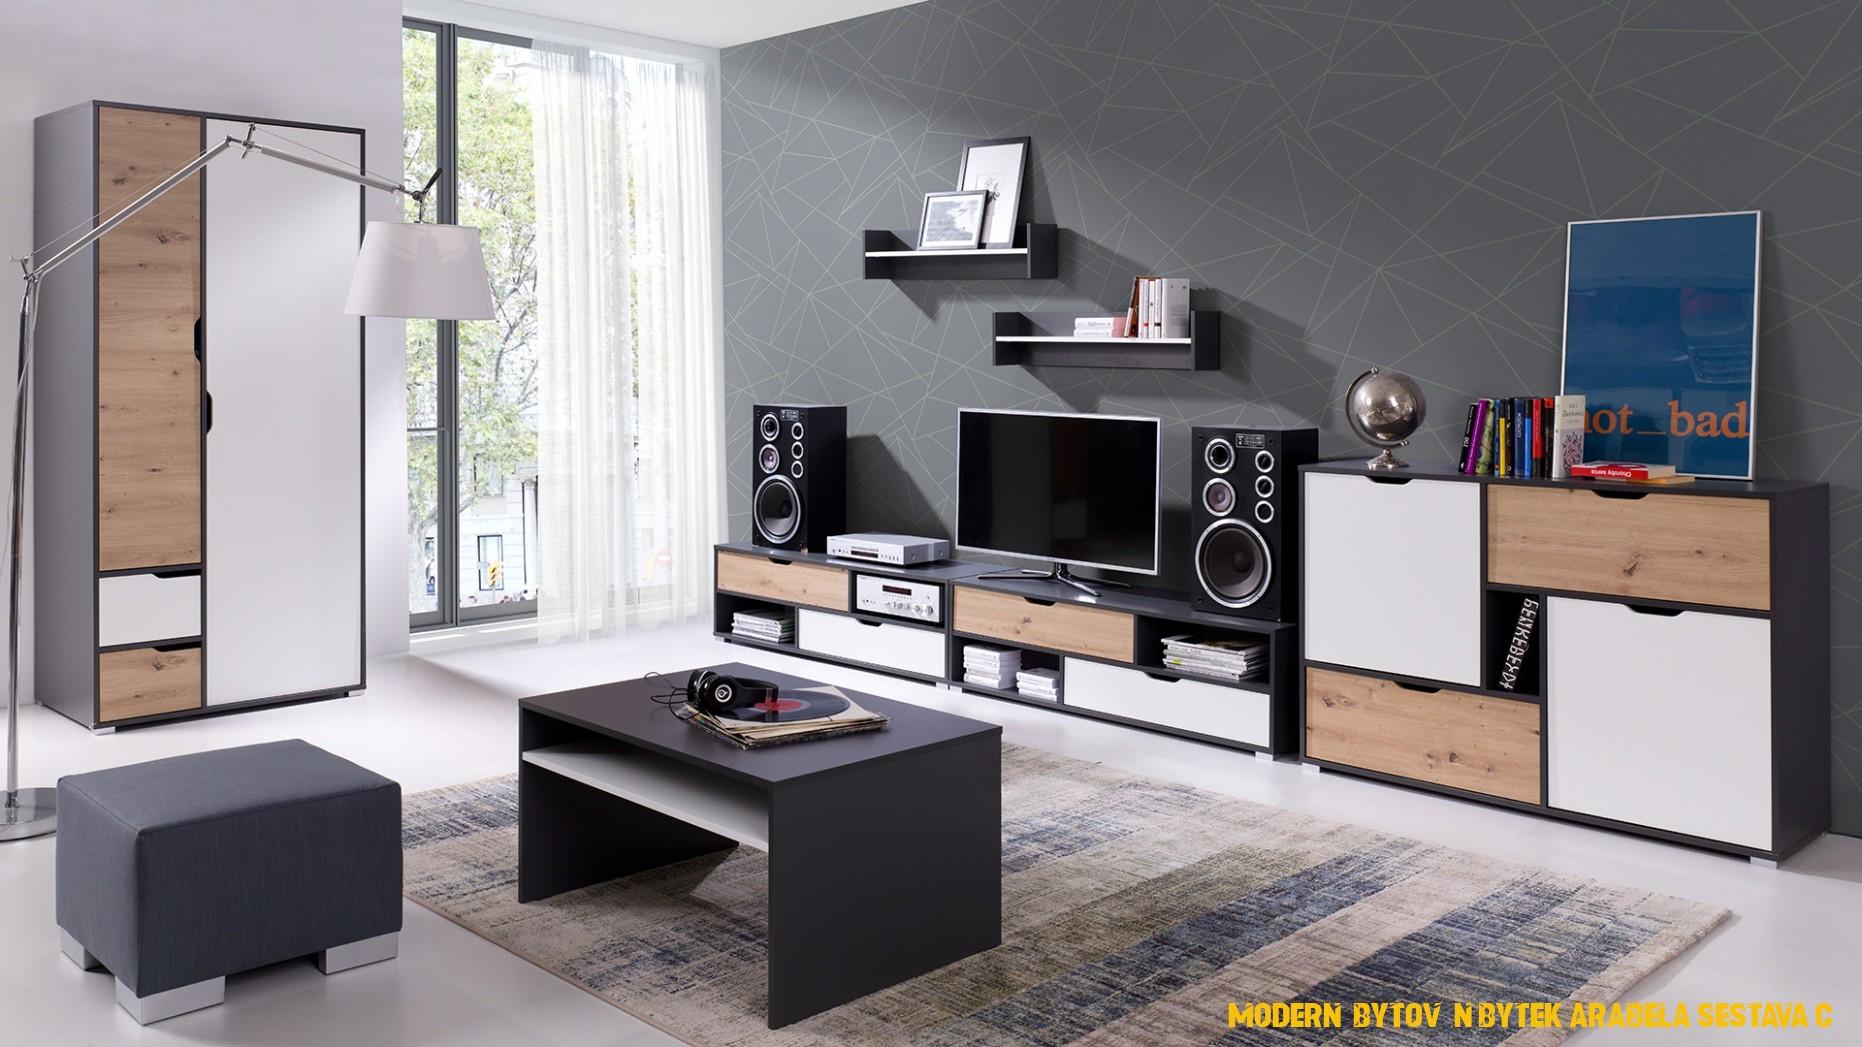 Moderní bytový nábytek Arabela sestava C